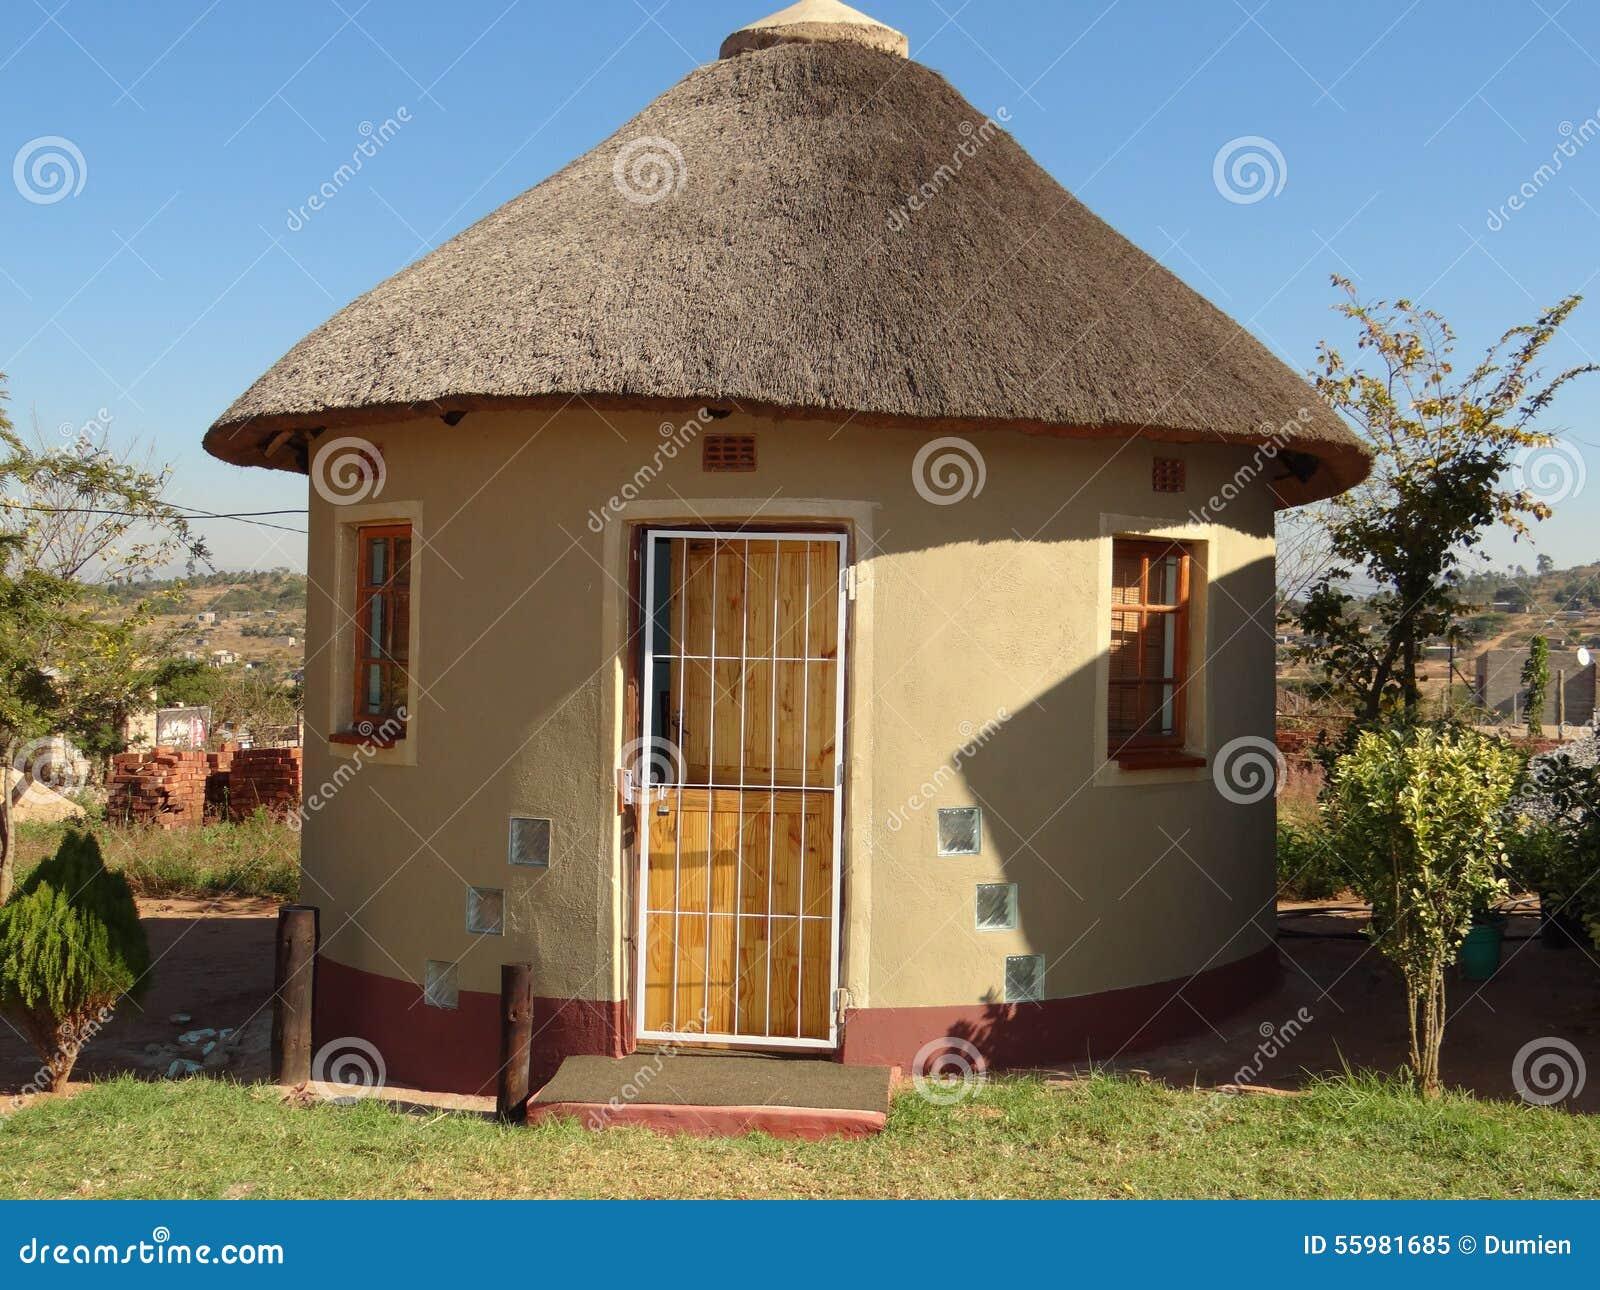 Hutte de rondavel afrique en afrique du sud